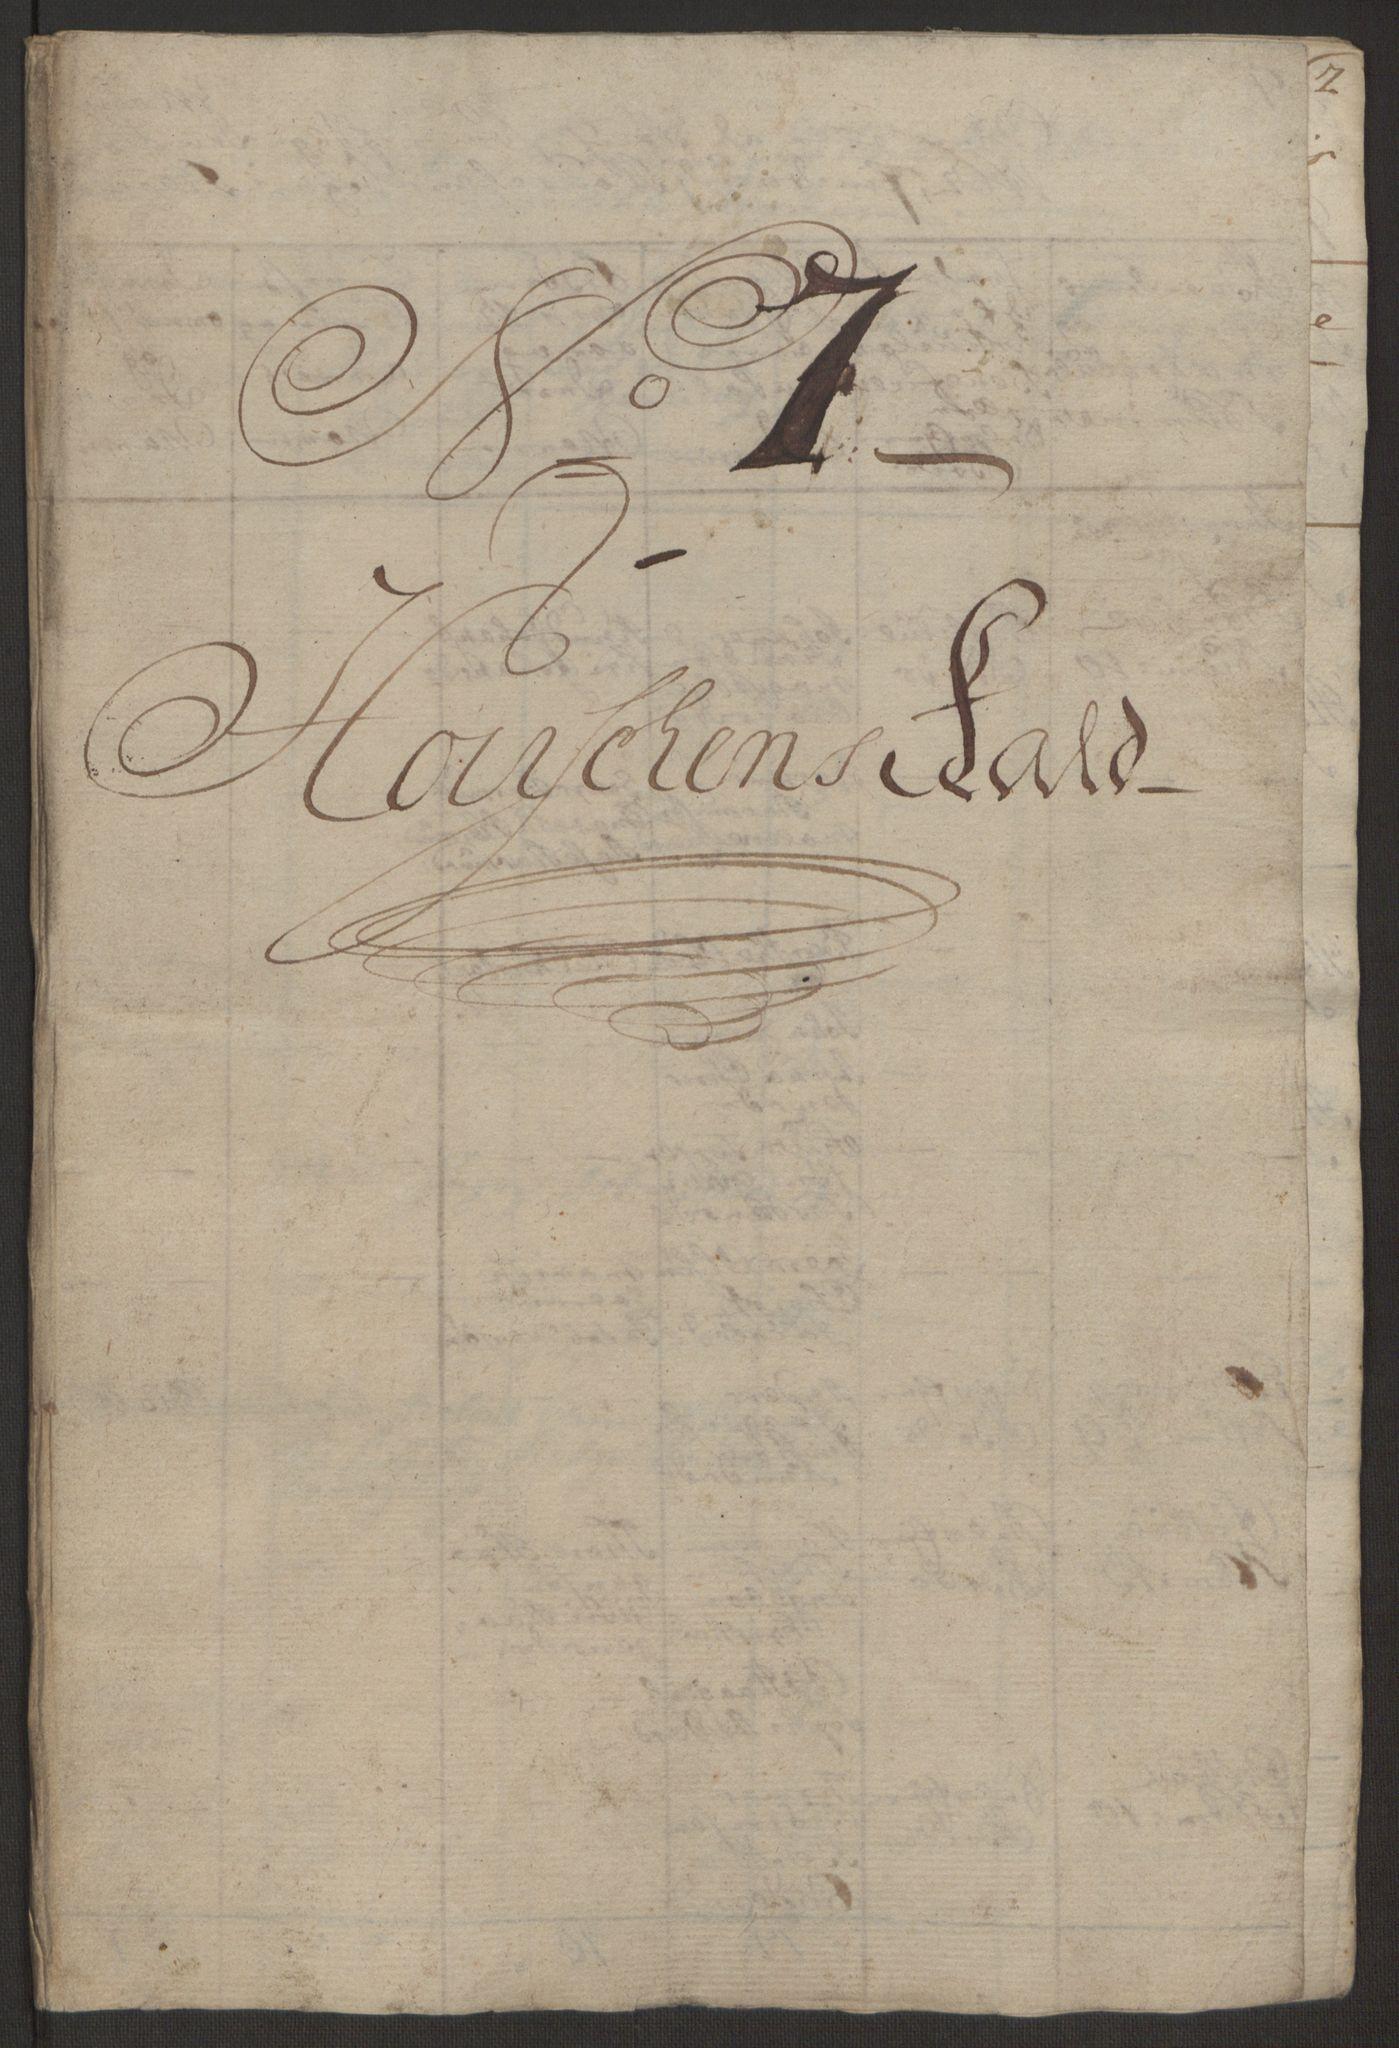 RA, Rentekammeret inntil 1814, Reviderte regnskaper, Hovedkasseregnskaper, Rf/L0072b: Ekstraskatteregnskap, 1762, s. 338